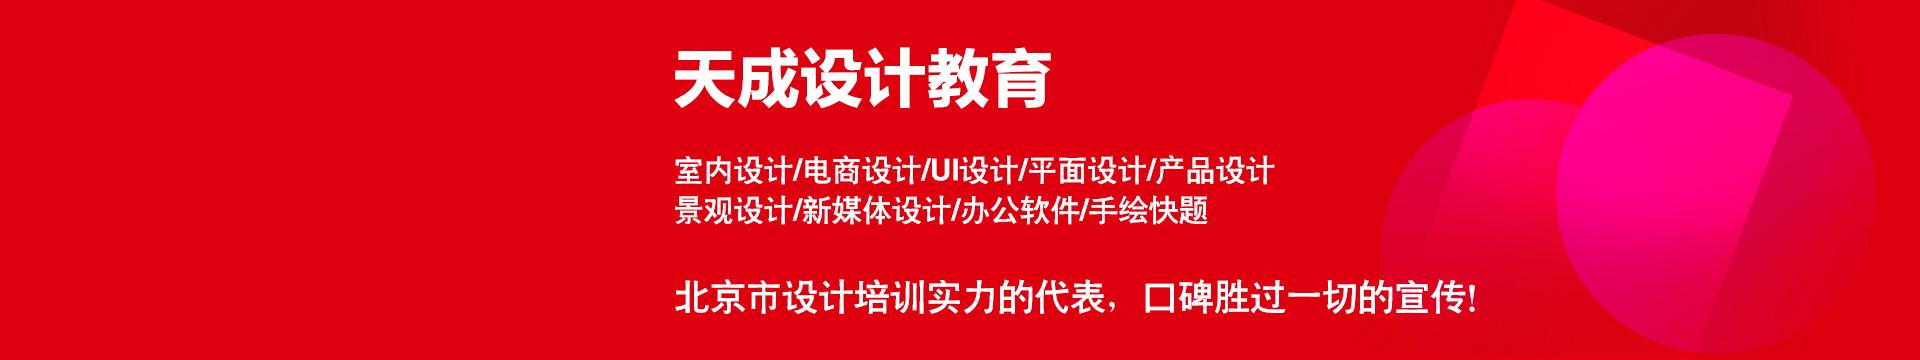 北京培训基地